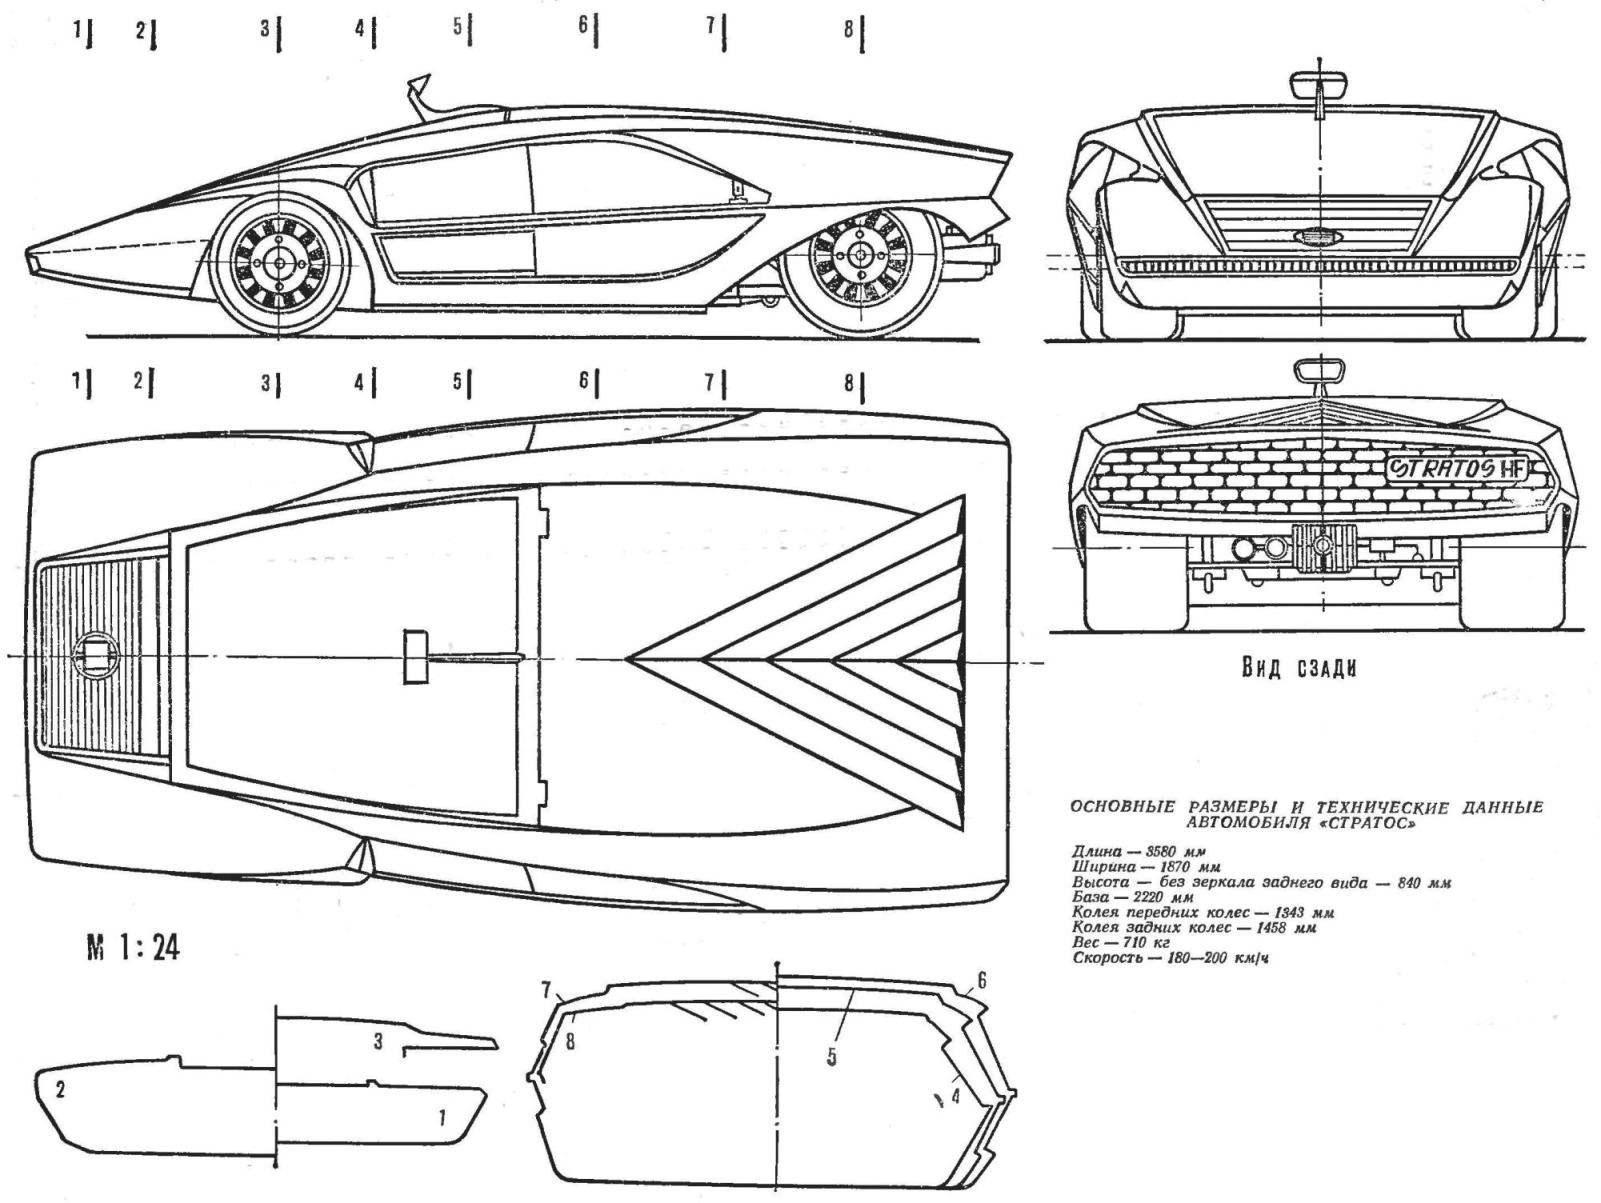 Рис. 2. Внешний вид и сечение кузова модели автомобили «Стратос» (масштаб 1:24).